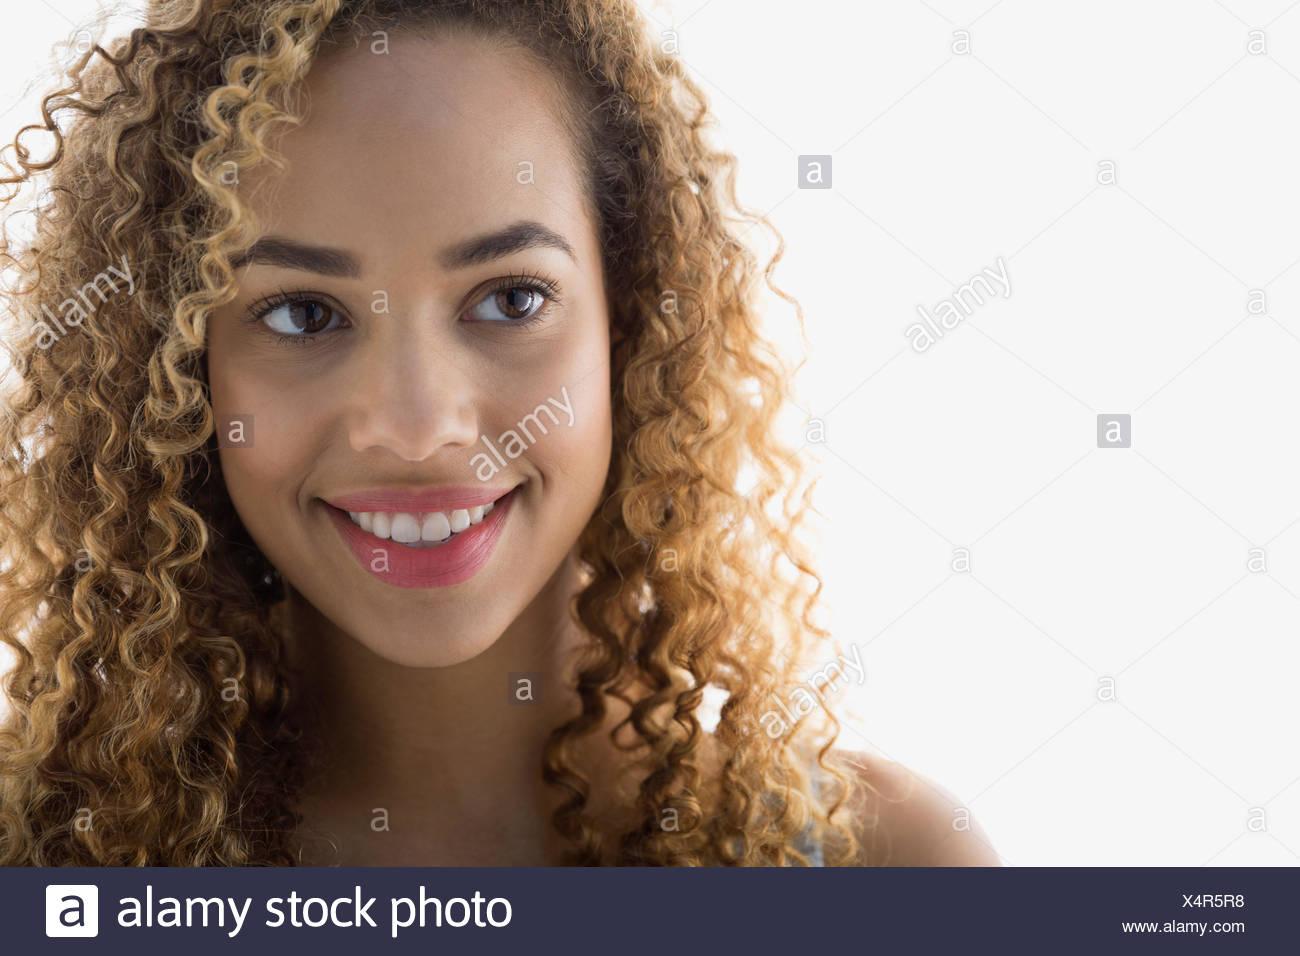 Mujer sonriente con el pelo rizado mirando lejos Imagen De Stock